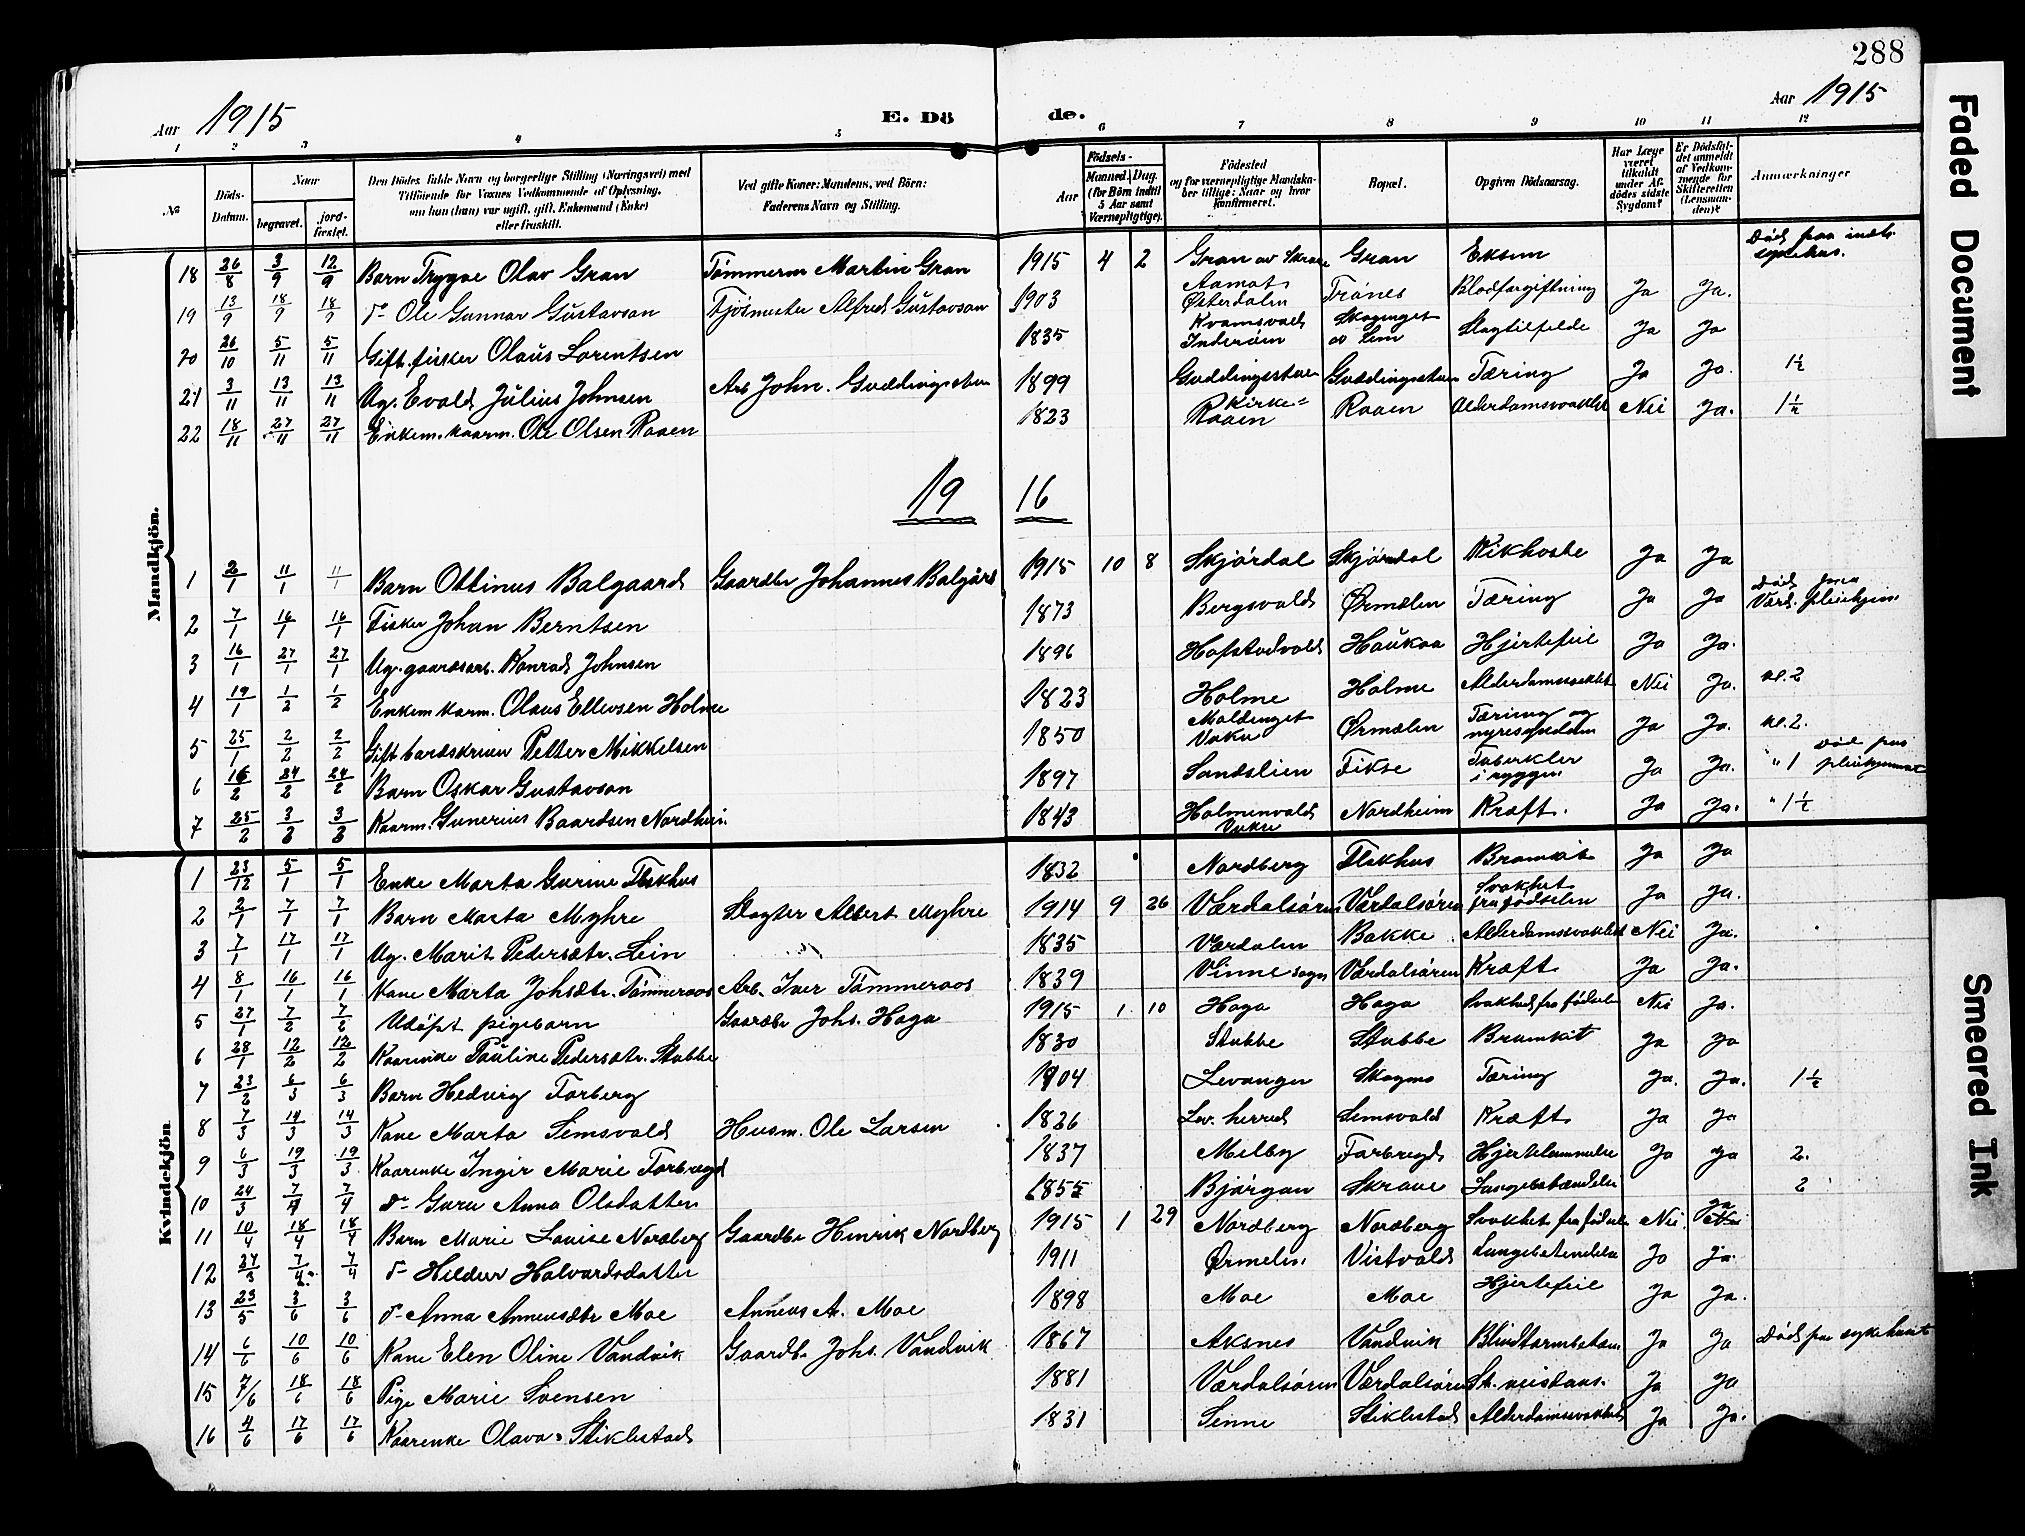 SAT, Ministerialprotokoller, klokkerbøker og fødselsregistre - Nord-Trøndelag, 723/L0258: Klokkerbok nr. 723C06, 1908-1927, s. 288